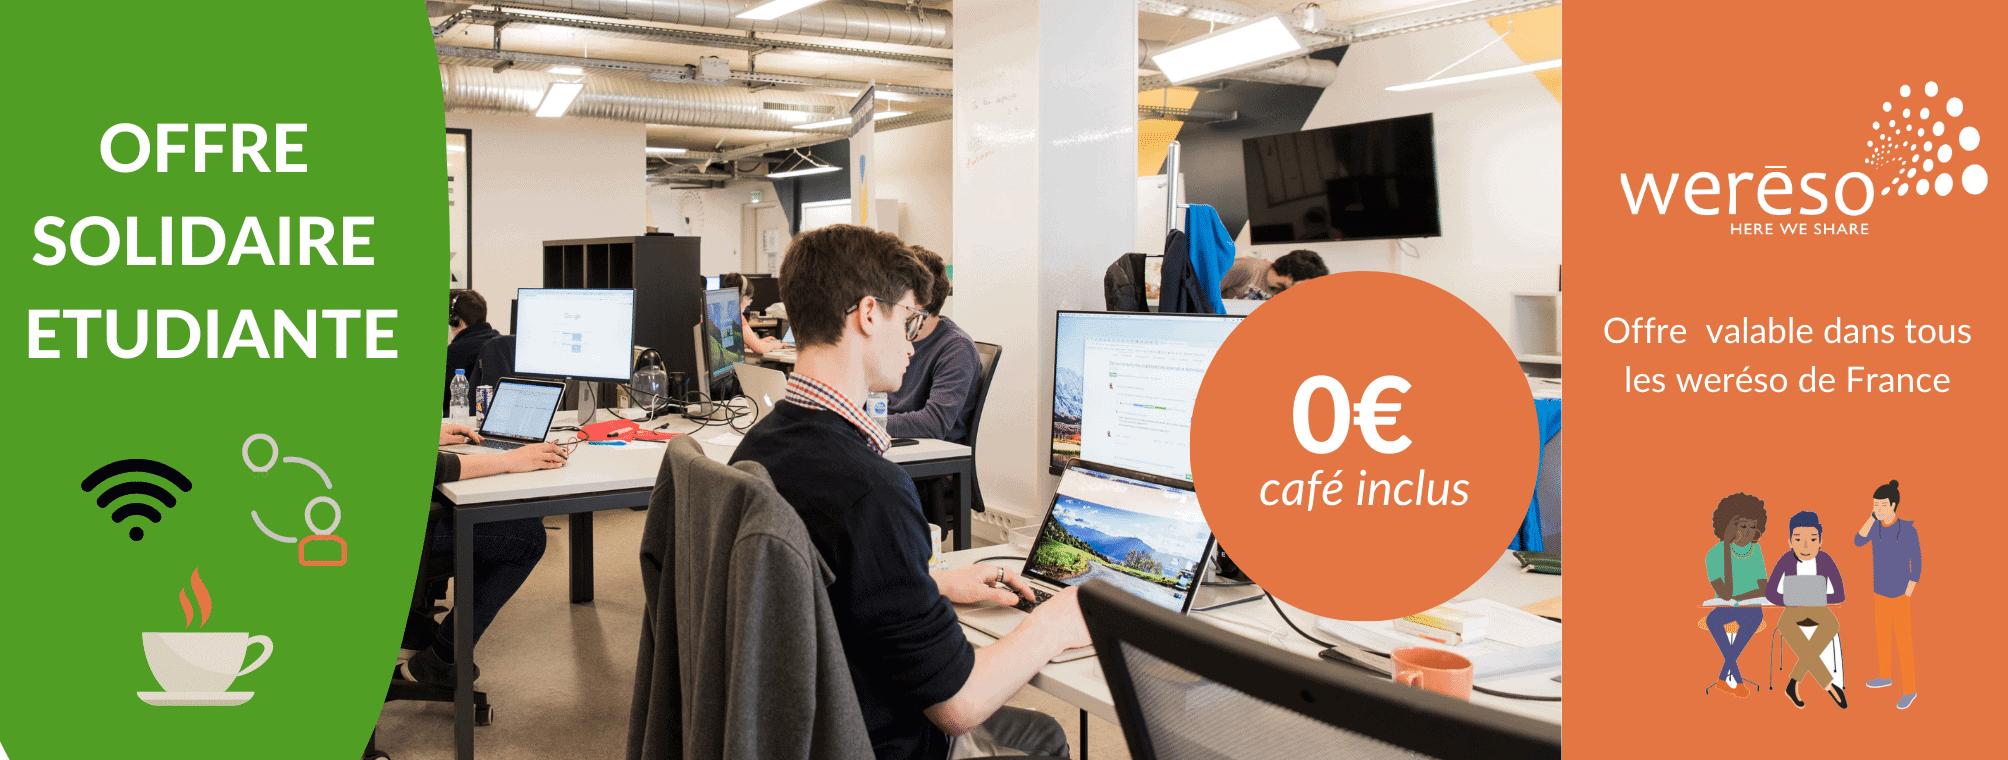 weréso : coworking chaleureux et professionnel offert aux étudiants